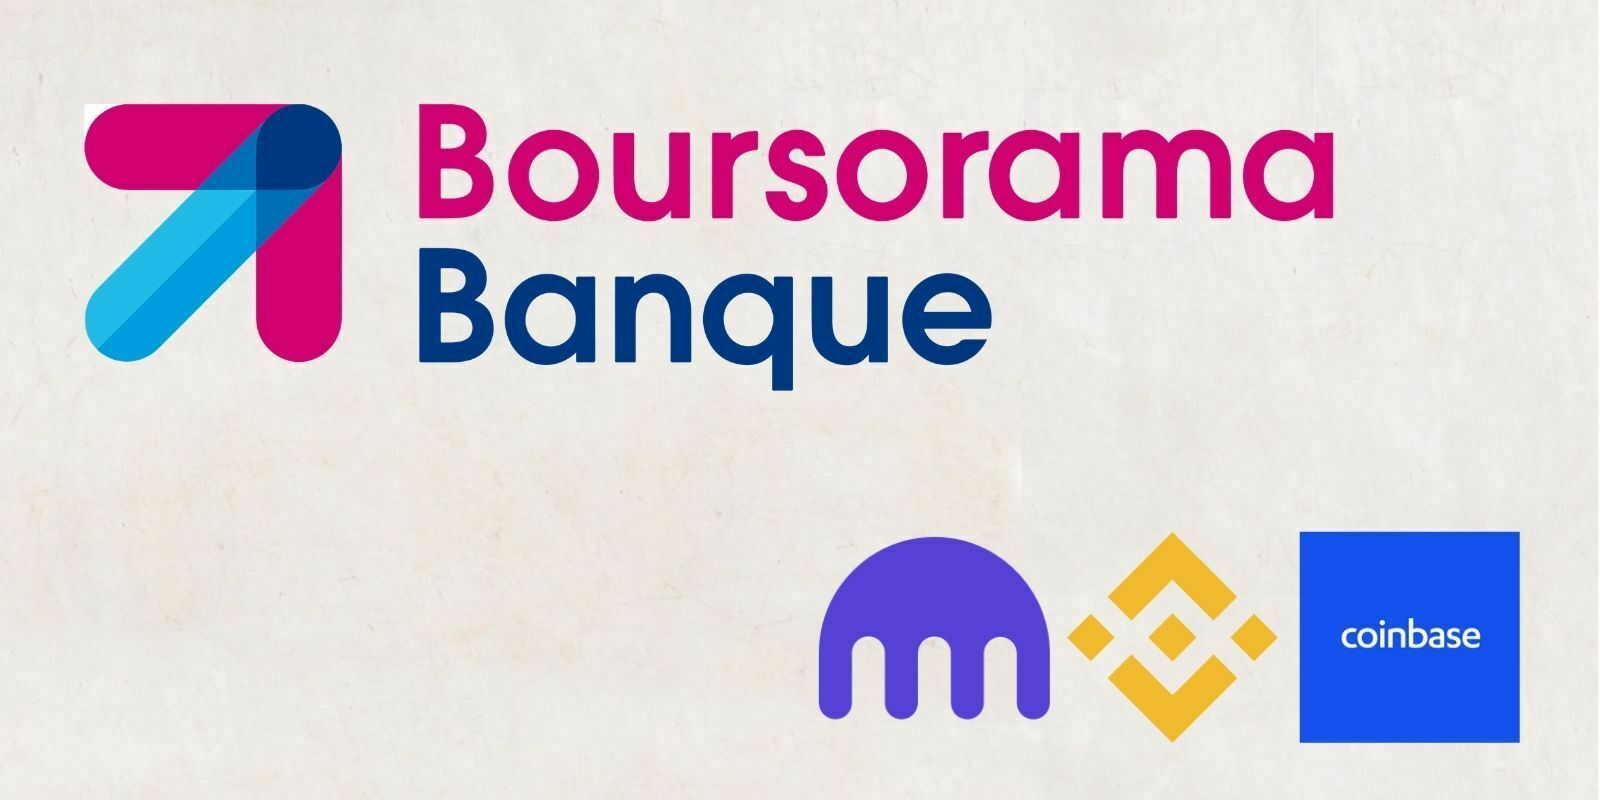 Les clients de Boursorama peuvent désormais relier leurs comptes Binance, Coinbase et Kraken